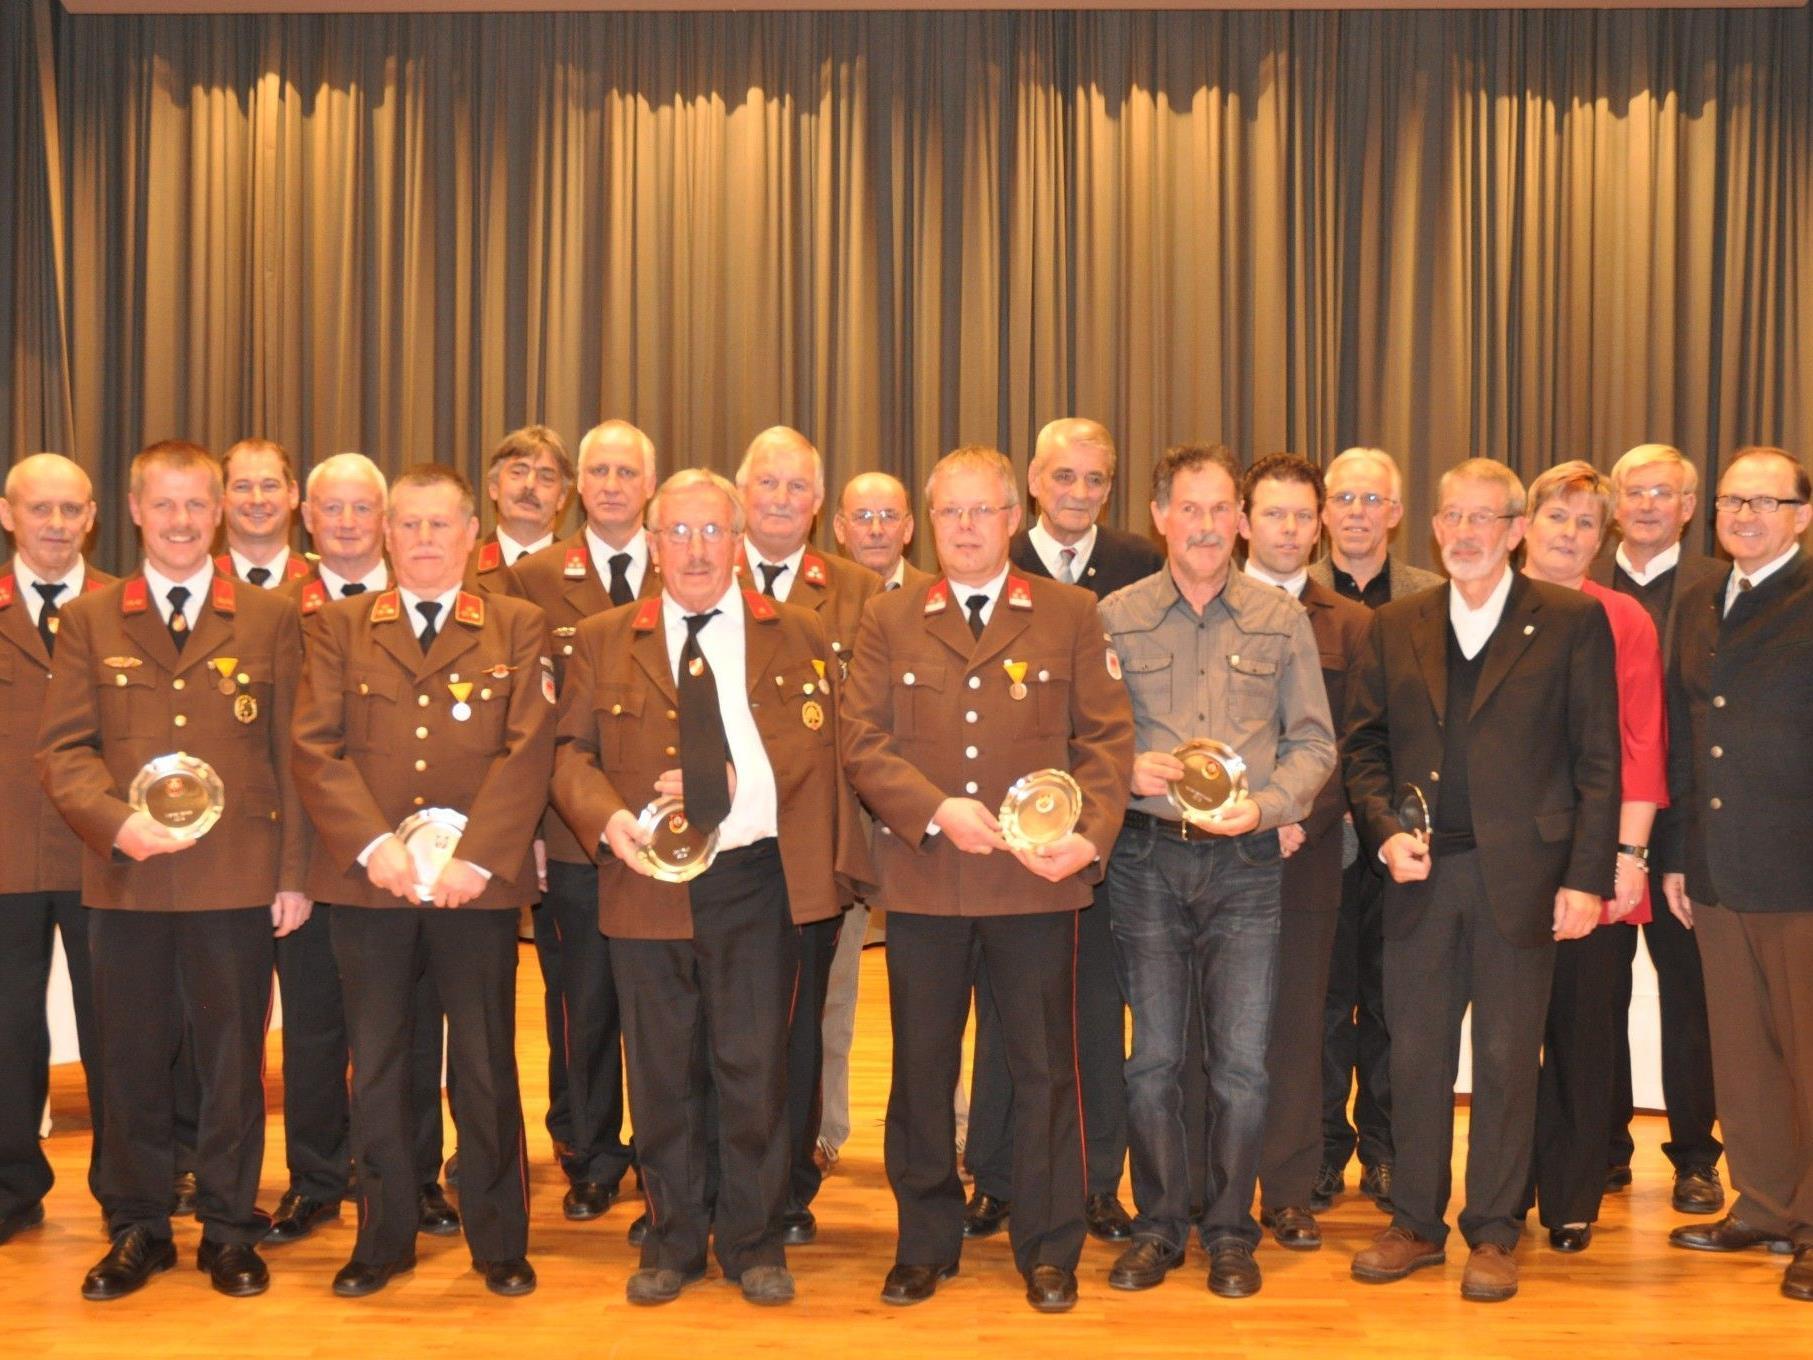 Viele ehrenamtliche Funktionäre wurden seitens der Gemeinde Röthis für ihre tollen Leistungen geehrt.